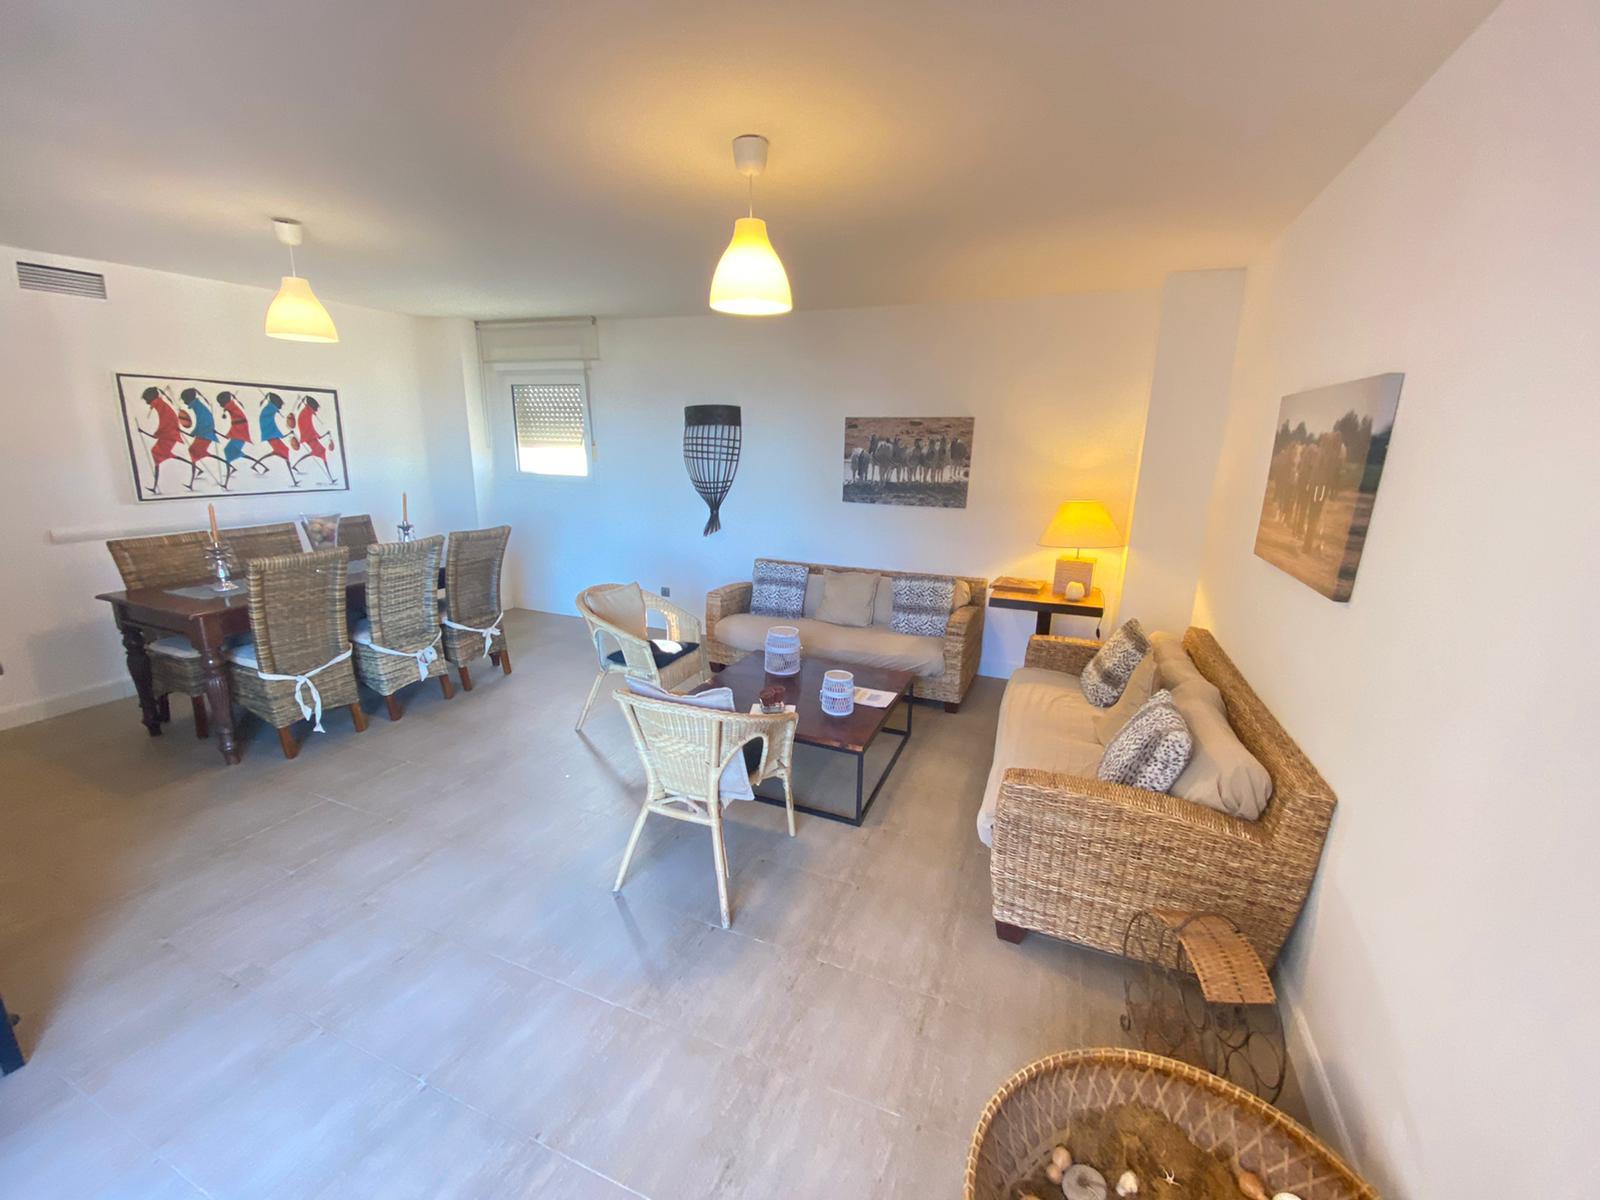 Imagen 2 del Apartamento Turístico, Ático 6 Levante (3d+2b), Punta del Moral (HUELVA), Paseo de la Cruz nº22